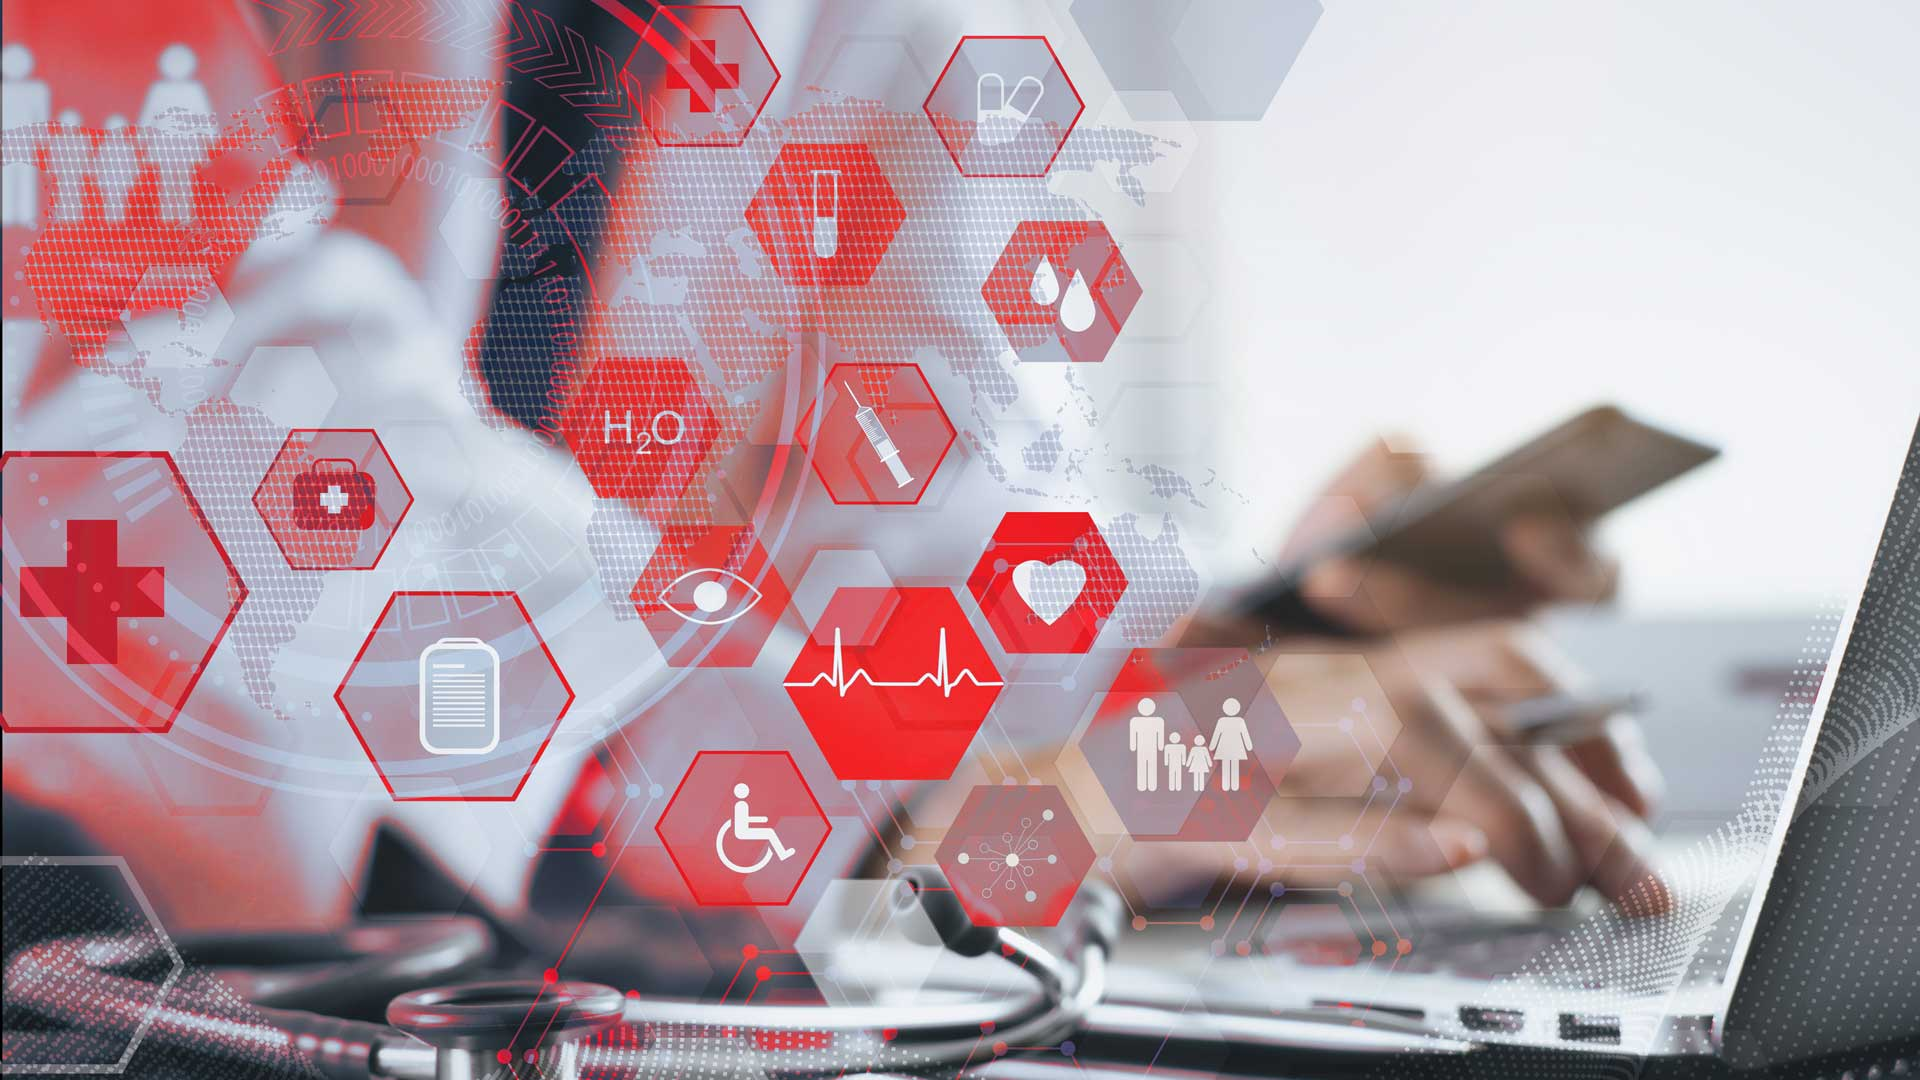 eHealth - Digitale Gesundheitstrends